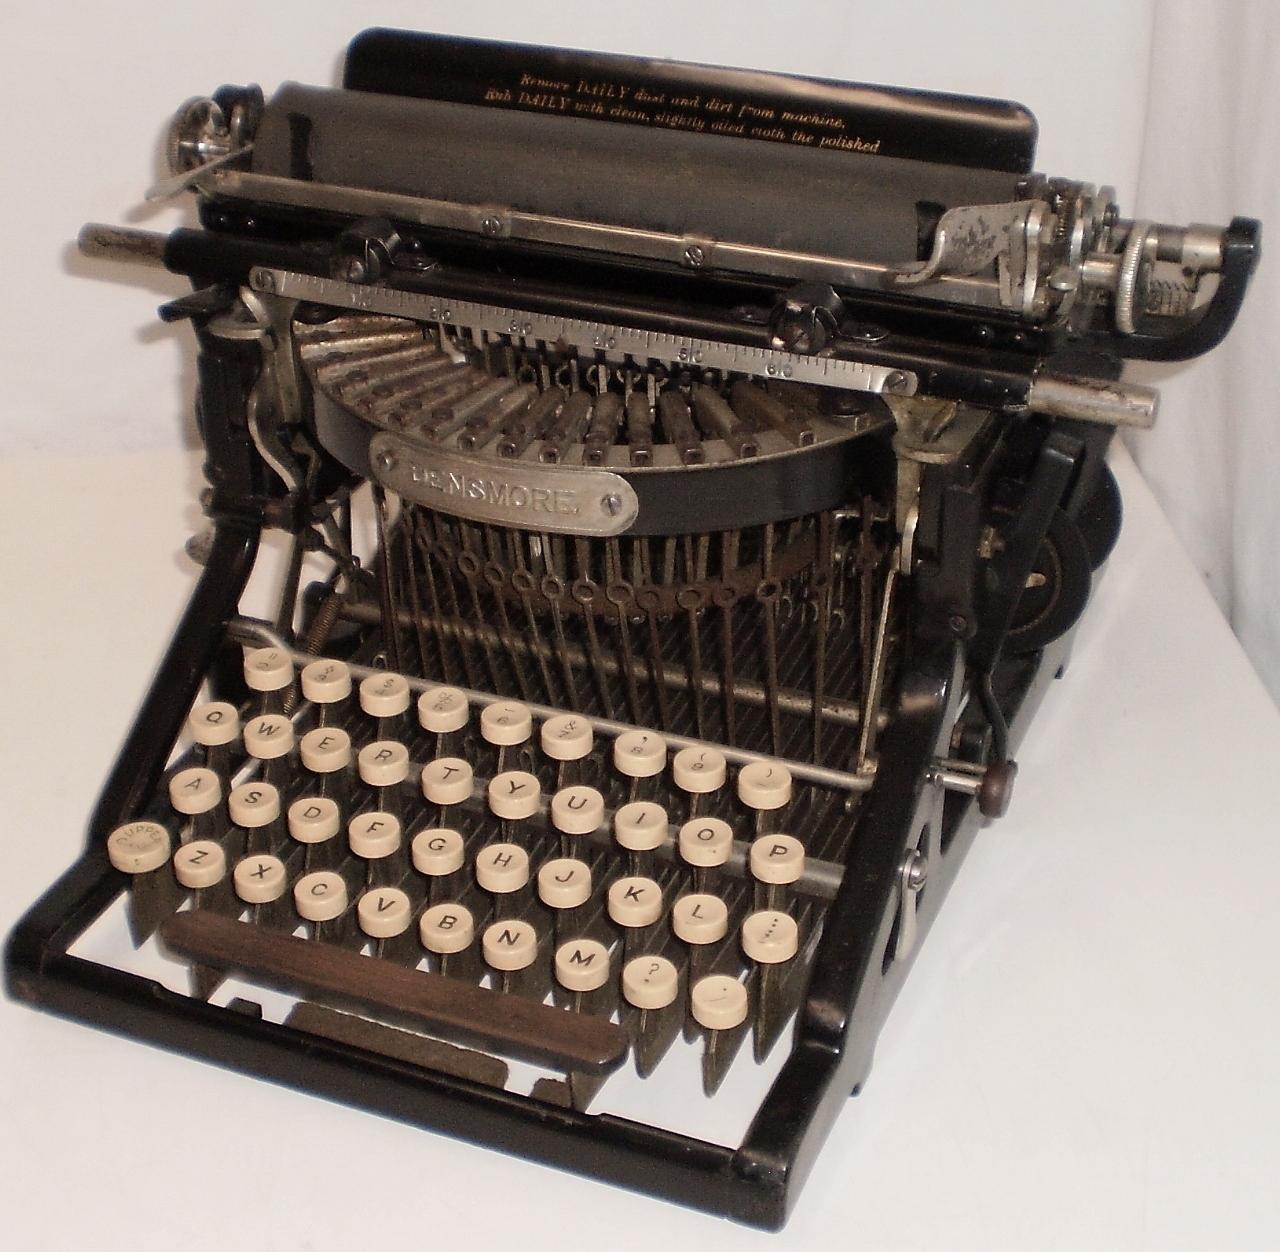 「Densmore Typewriter」